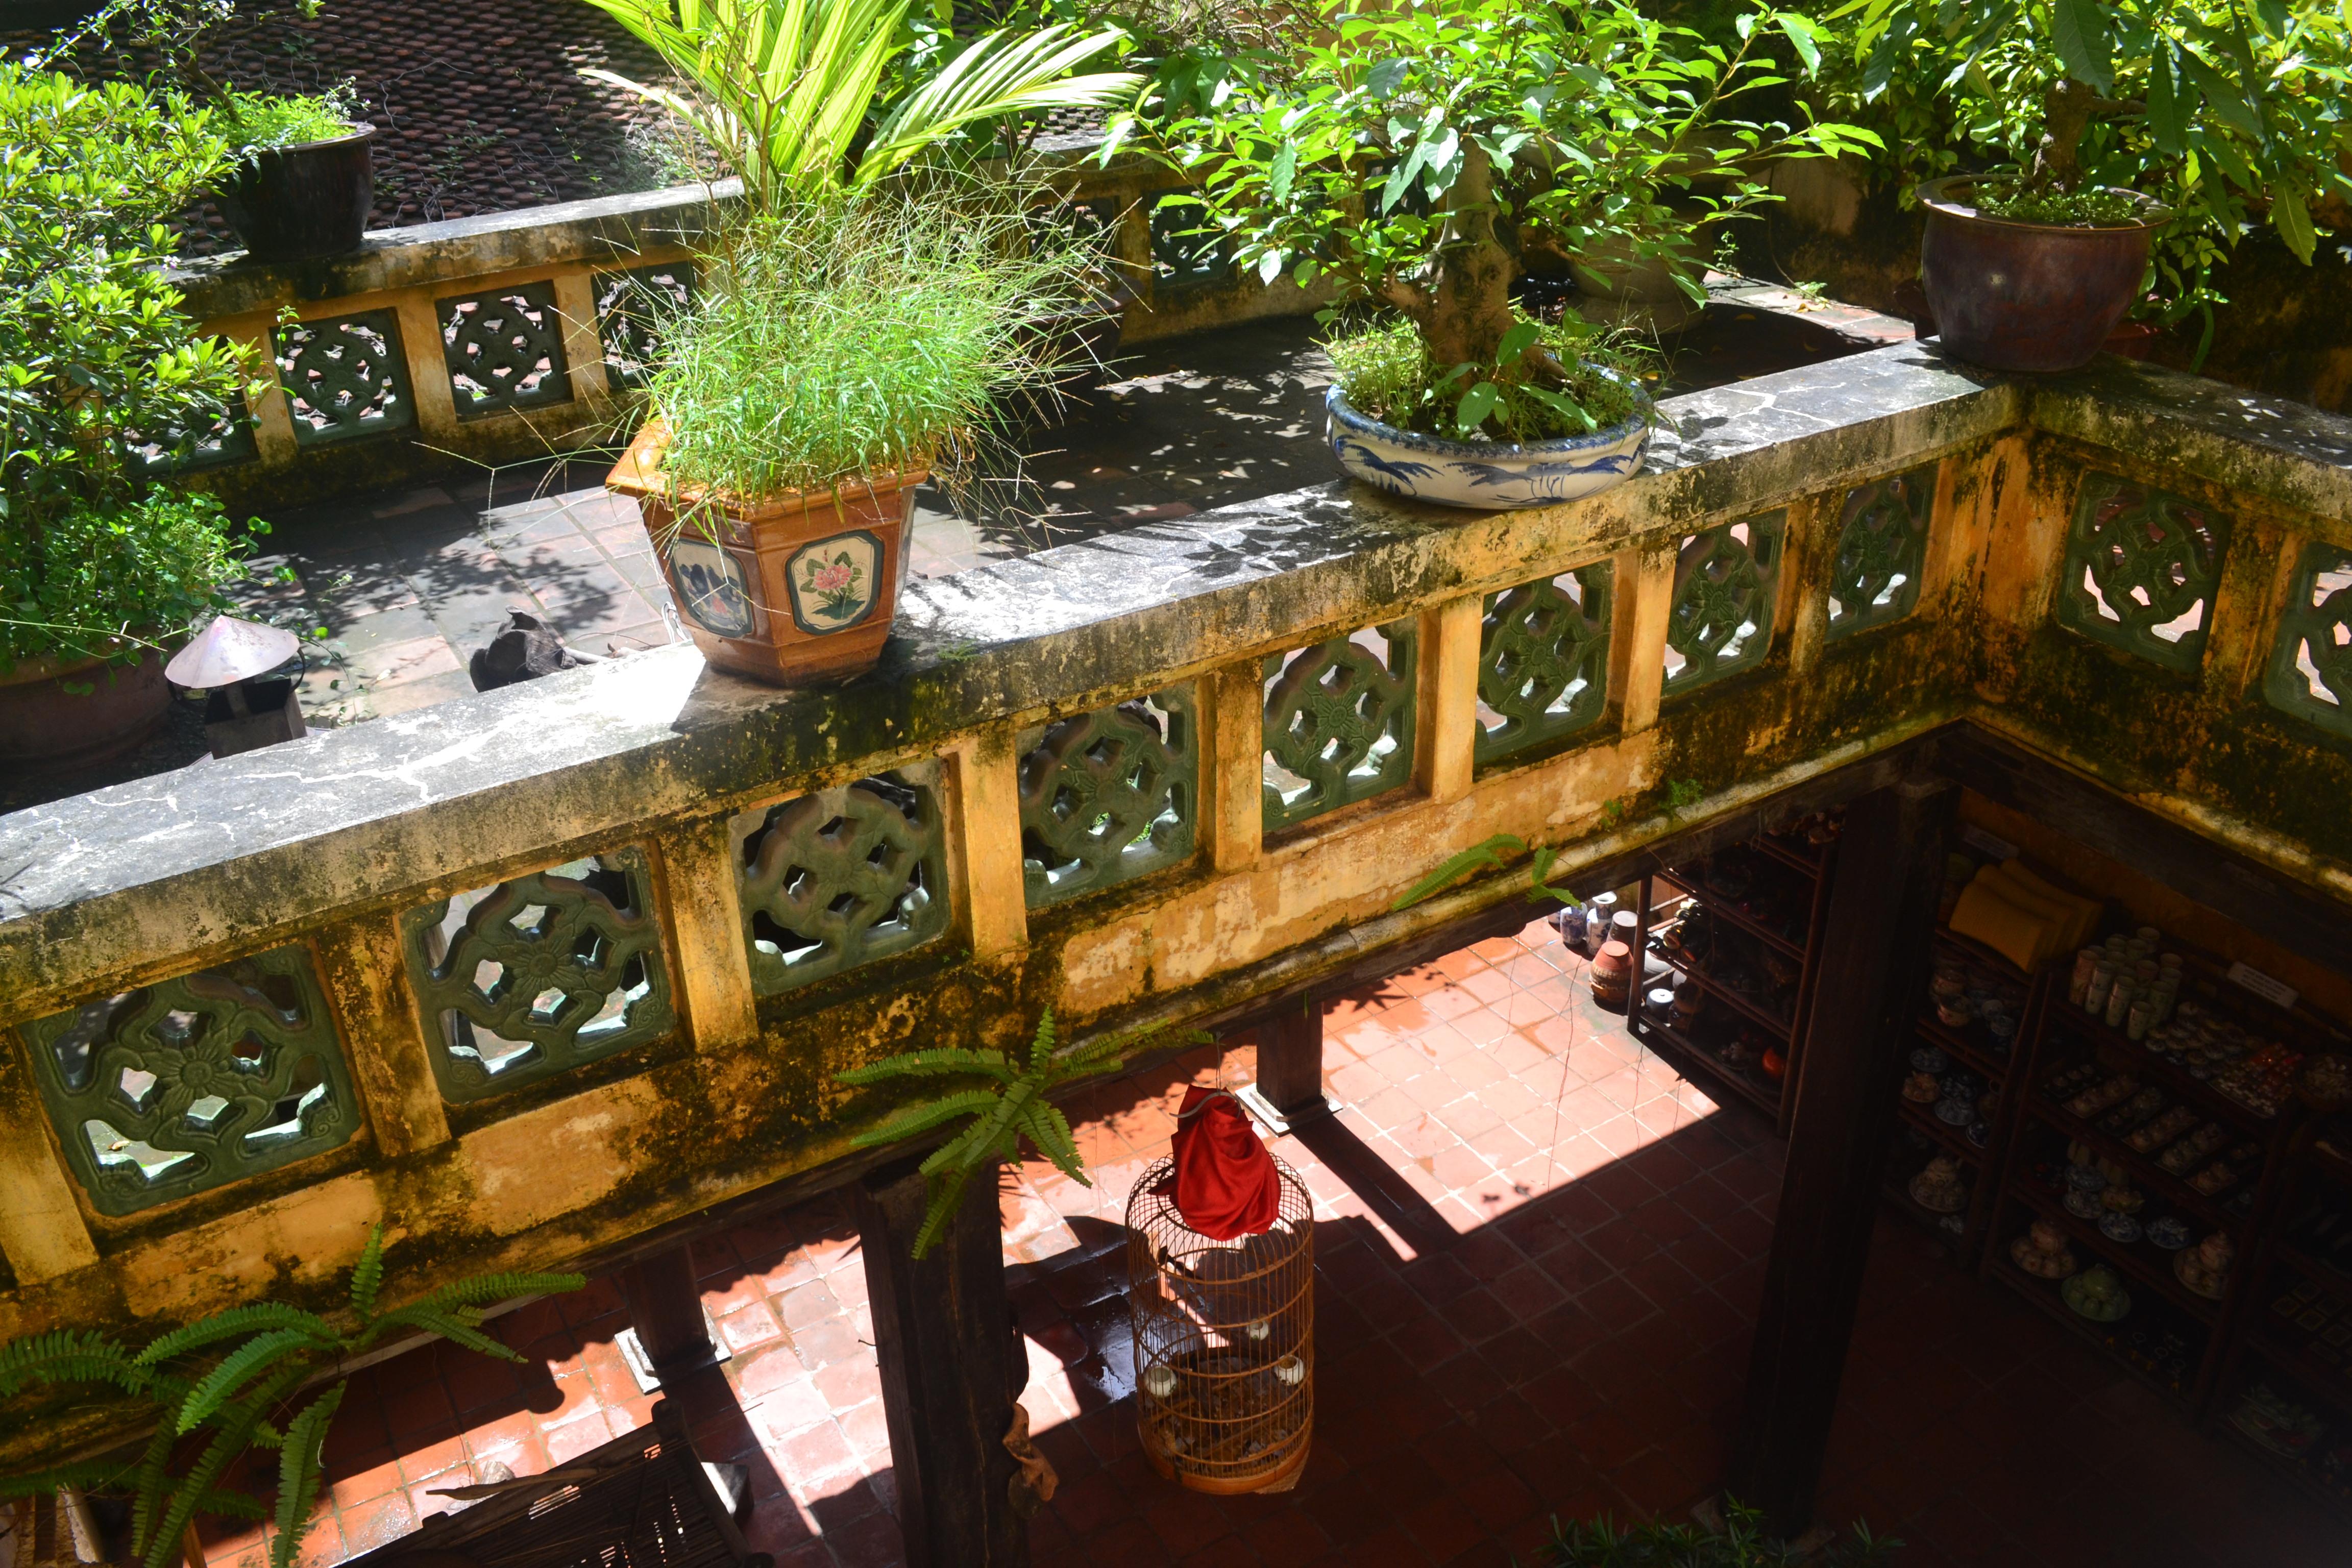 Vietnam: Wandering around Hanoi – GreenJoy Travel